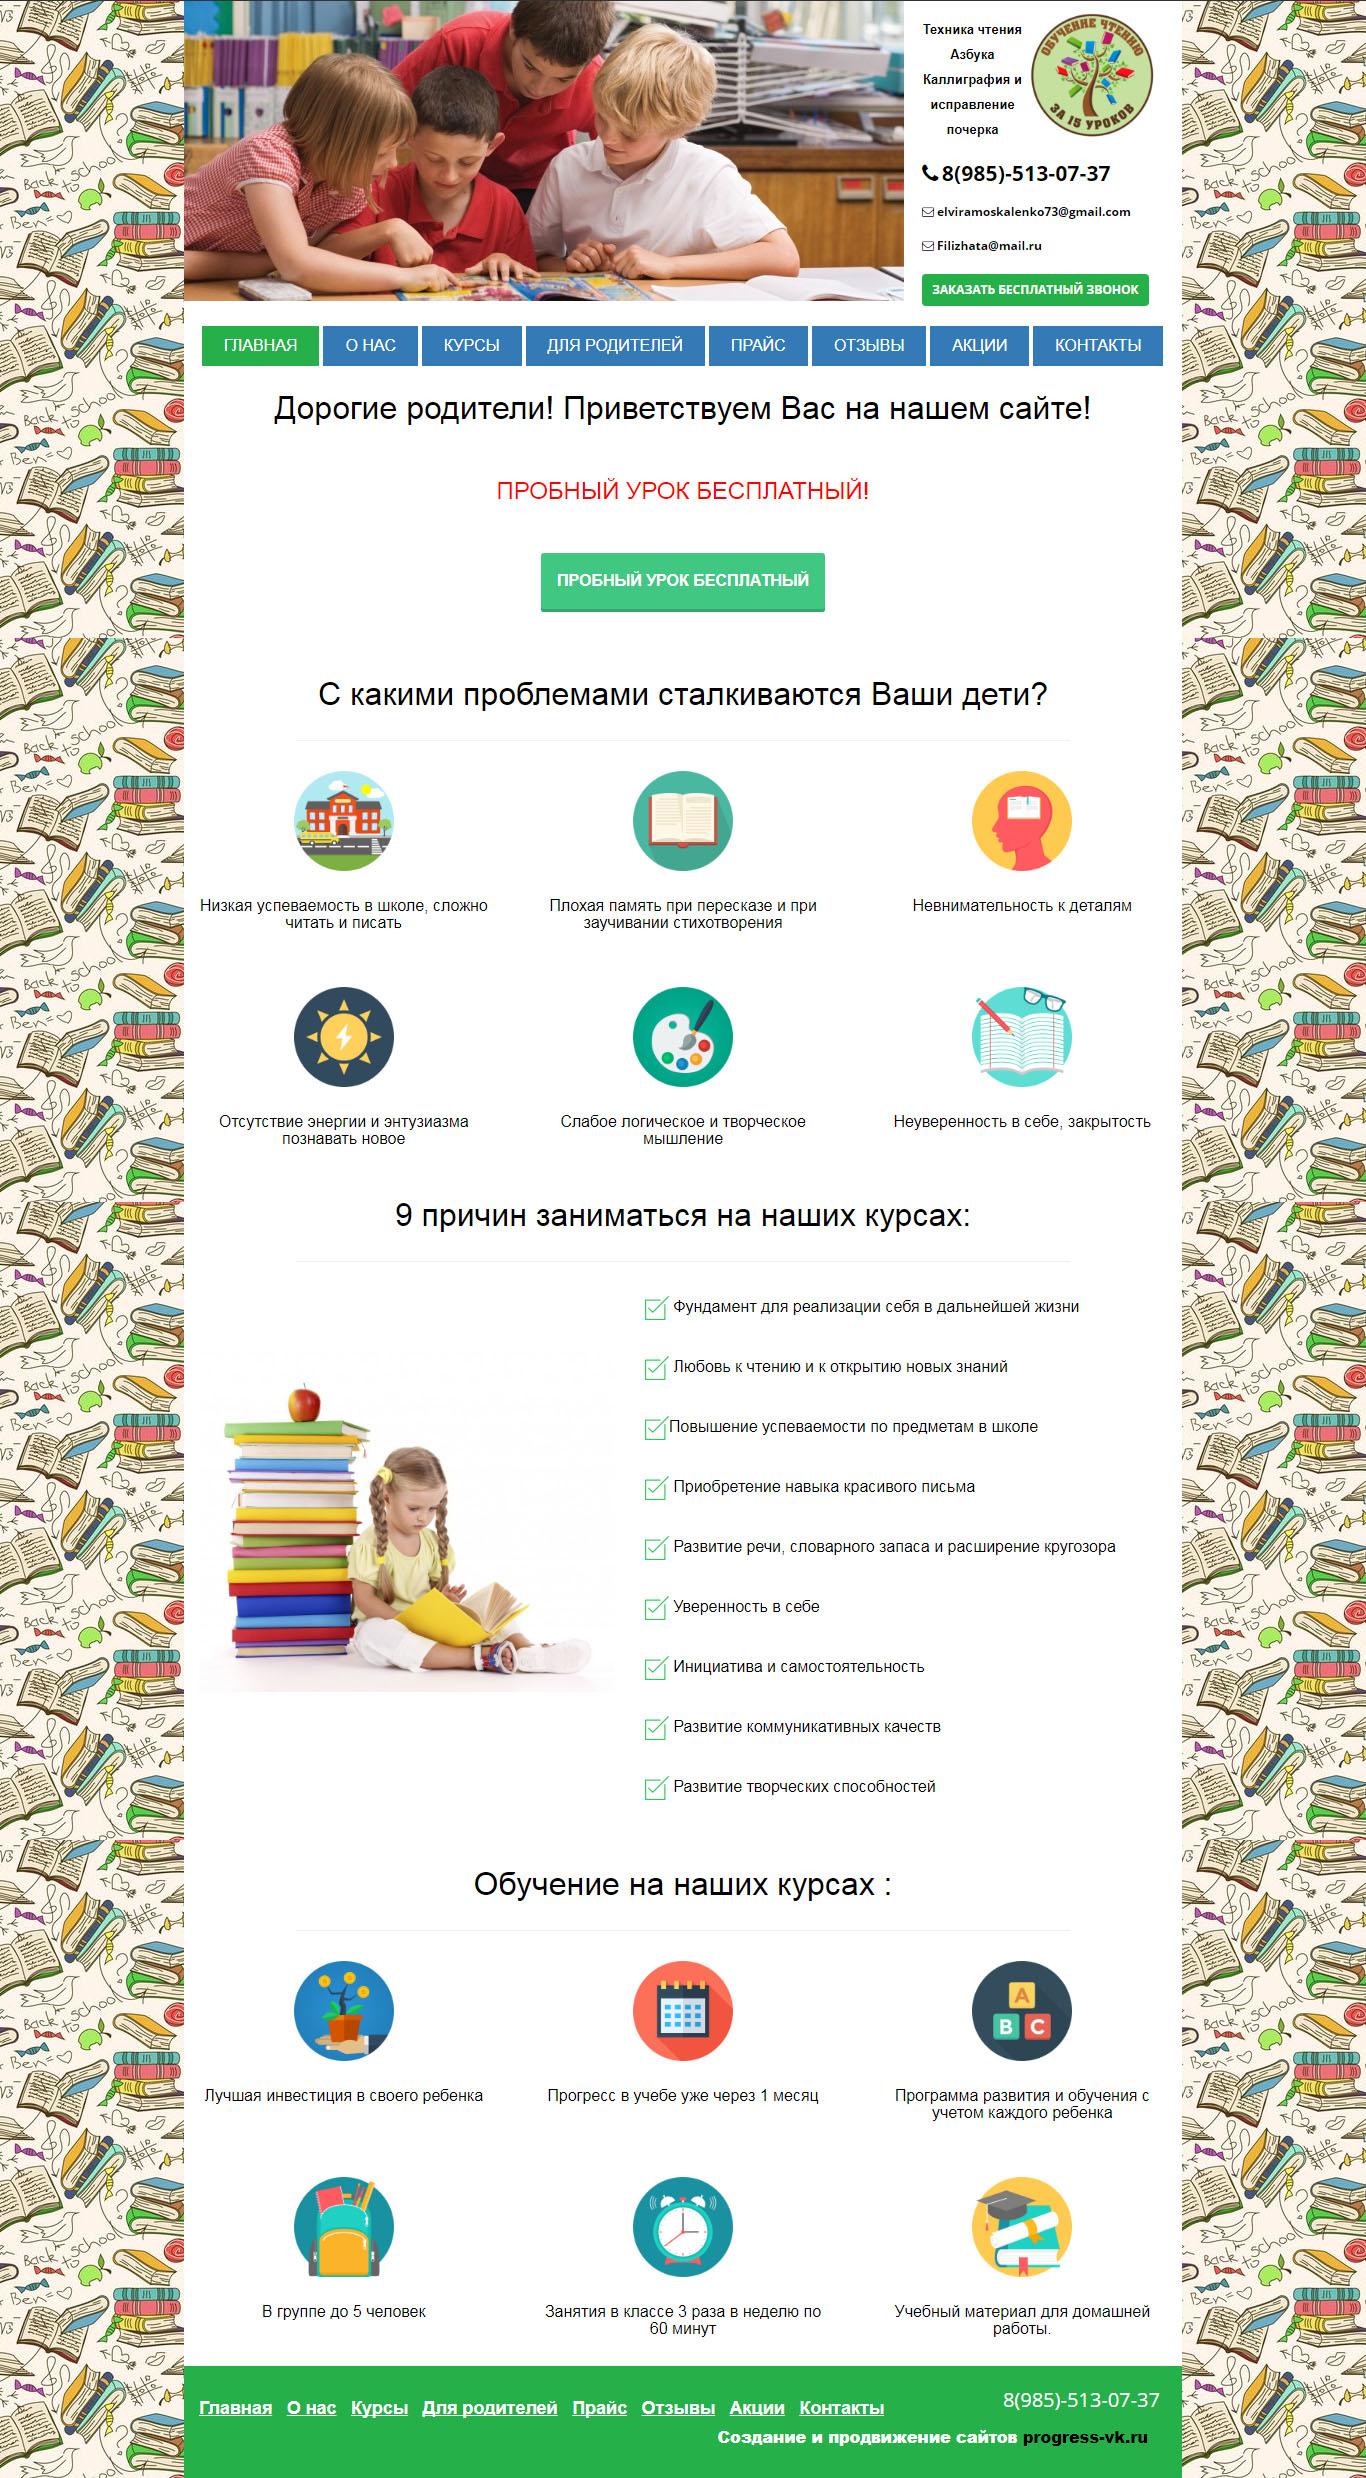 Создание сайта курсов обучения чтению